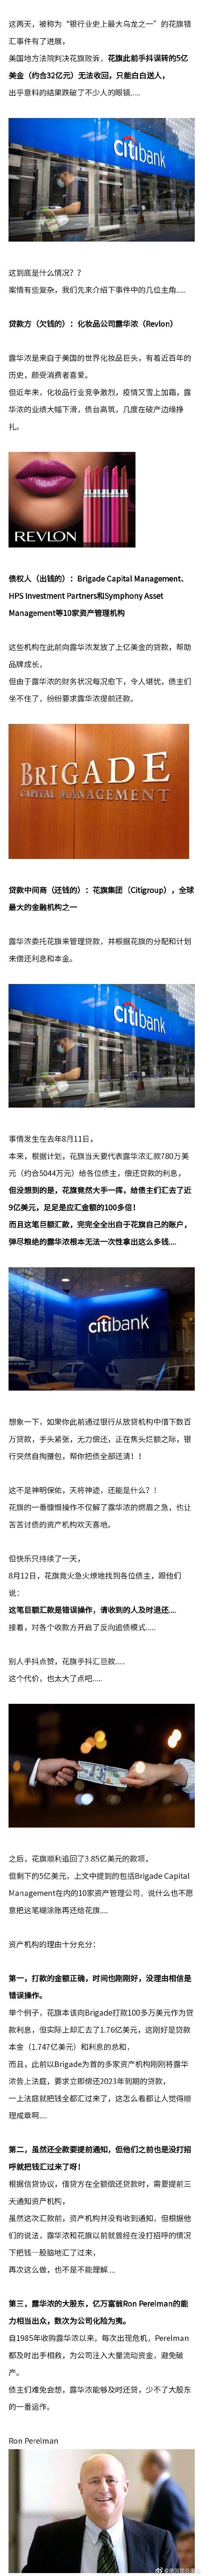 花旗银行帮客户还贷时,手抖将5亿美元错误汇出